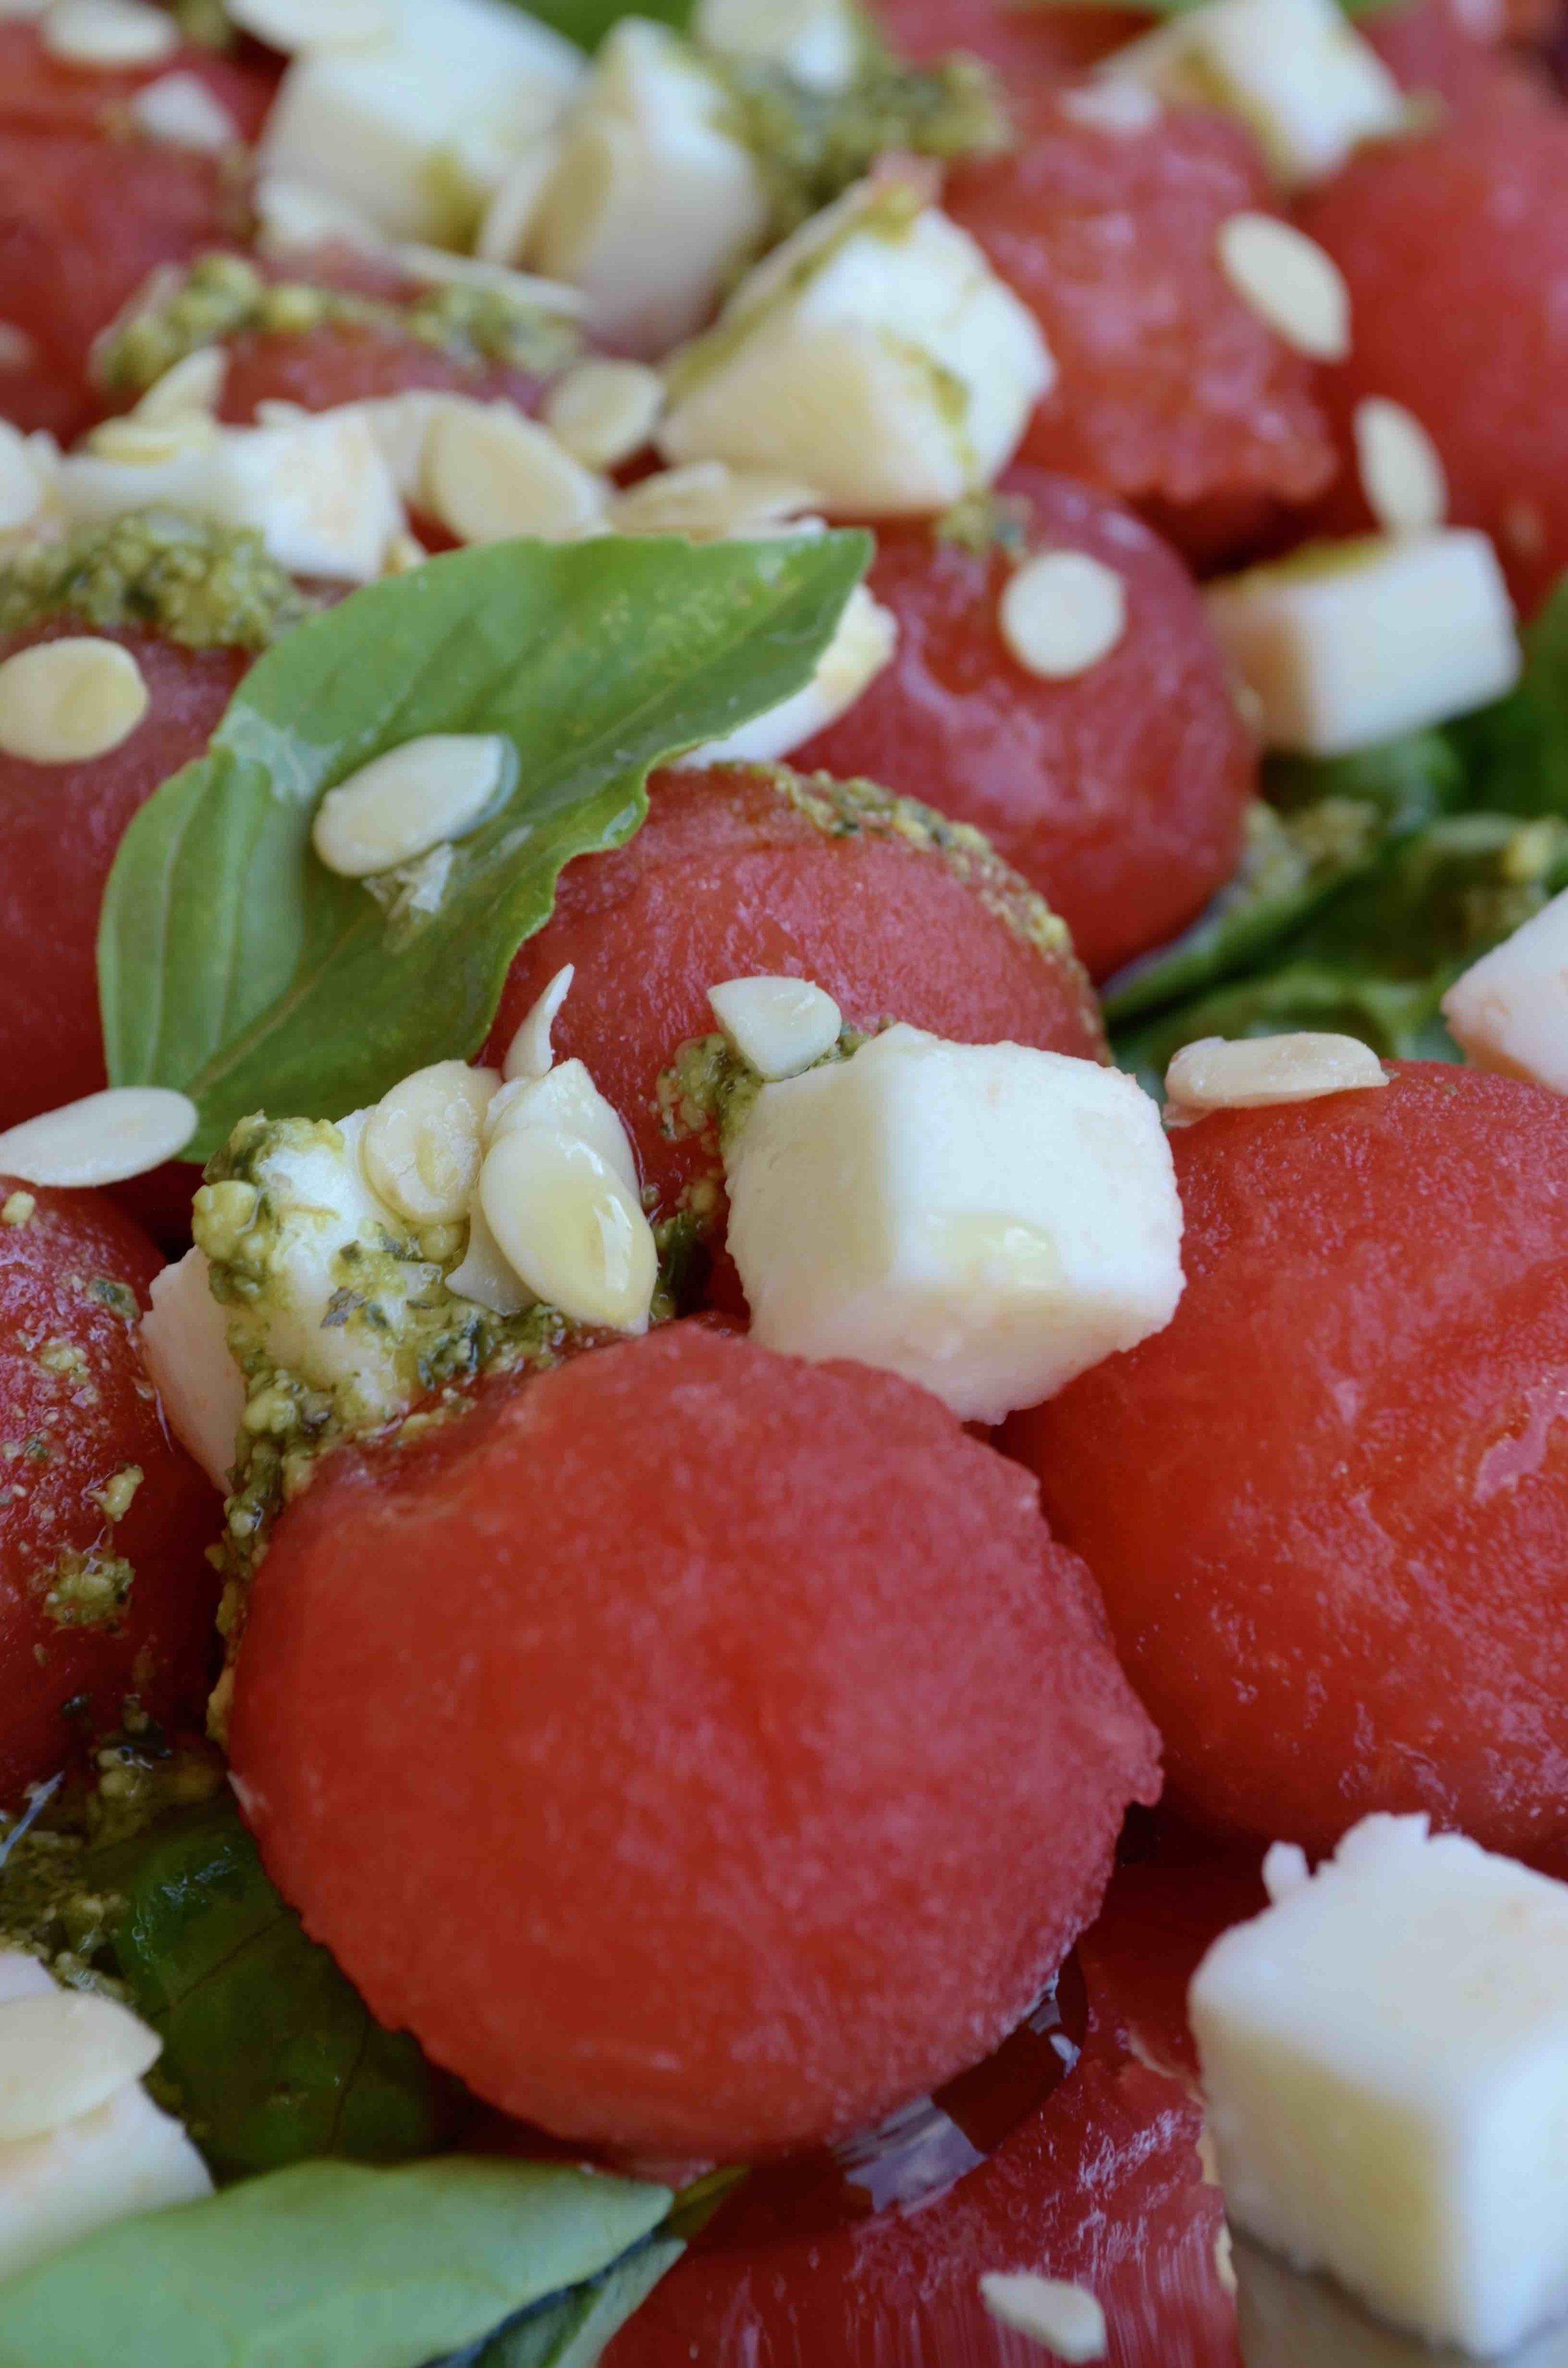 Watermelon Caprese Salad with Go Raw Watermelon Seeds